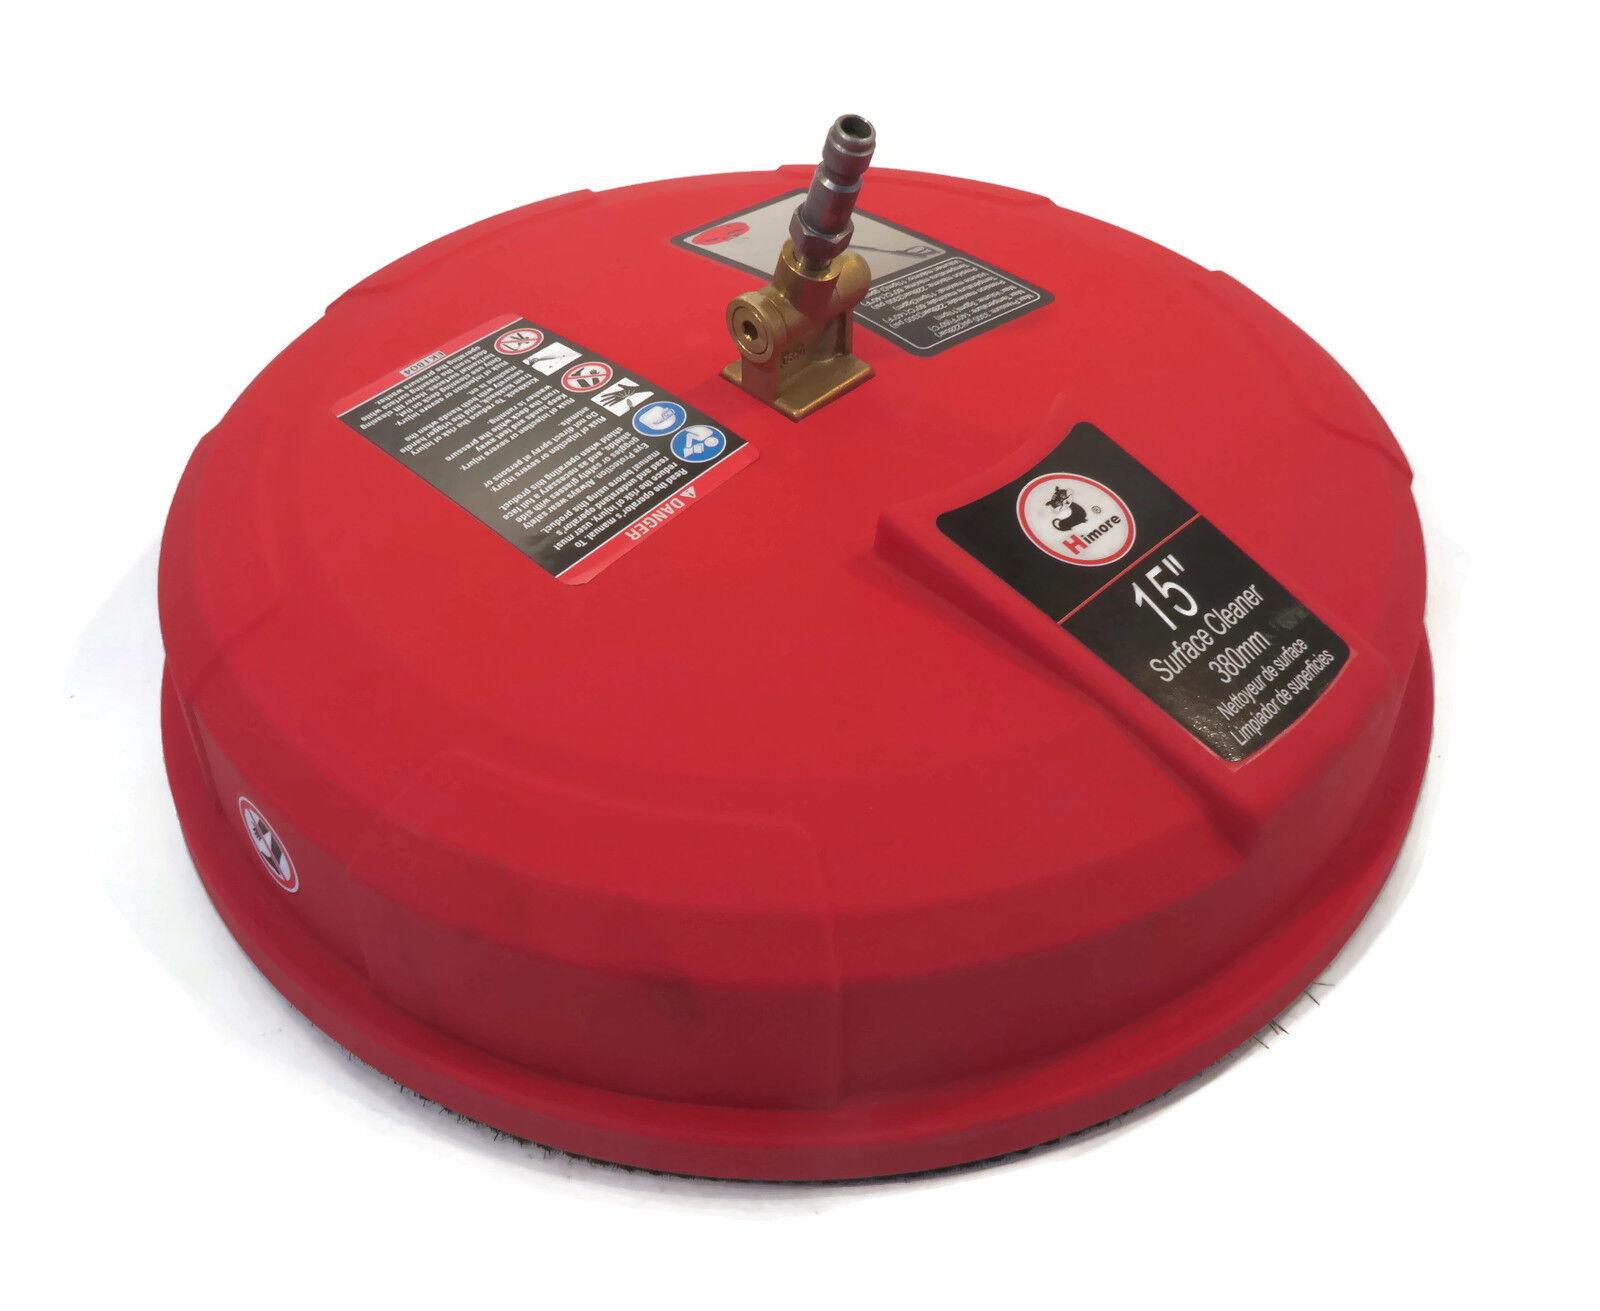 15  limpiador de súperficie Accesorio para agua a presión de alimentación Homelite Arandela 3300 Psi